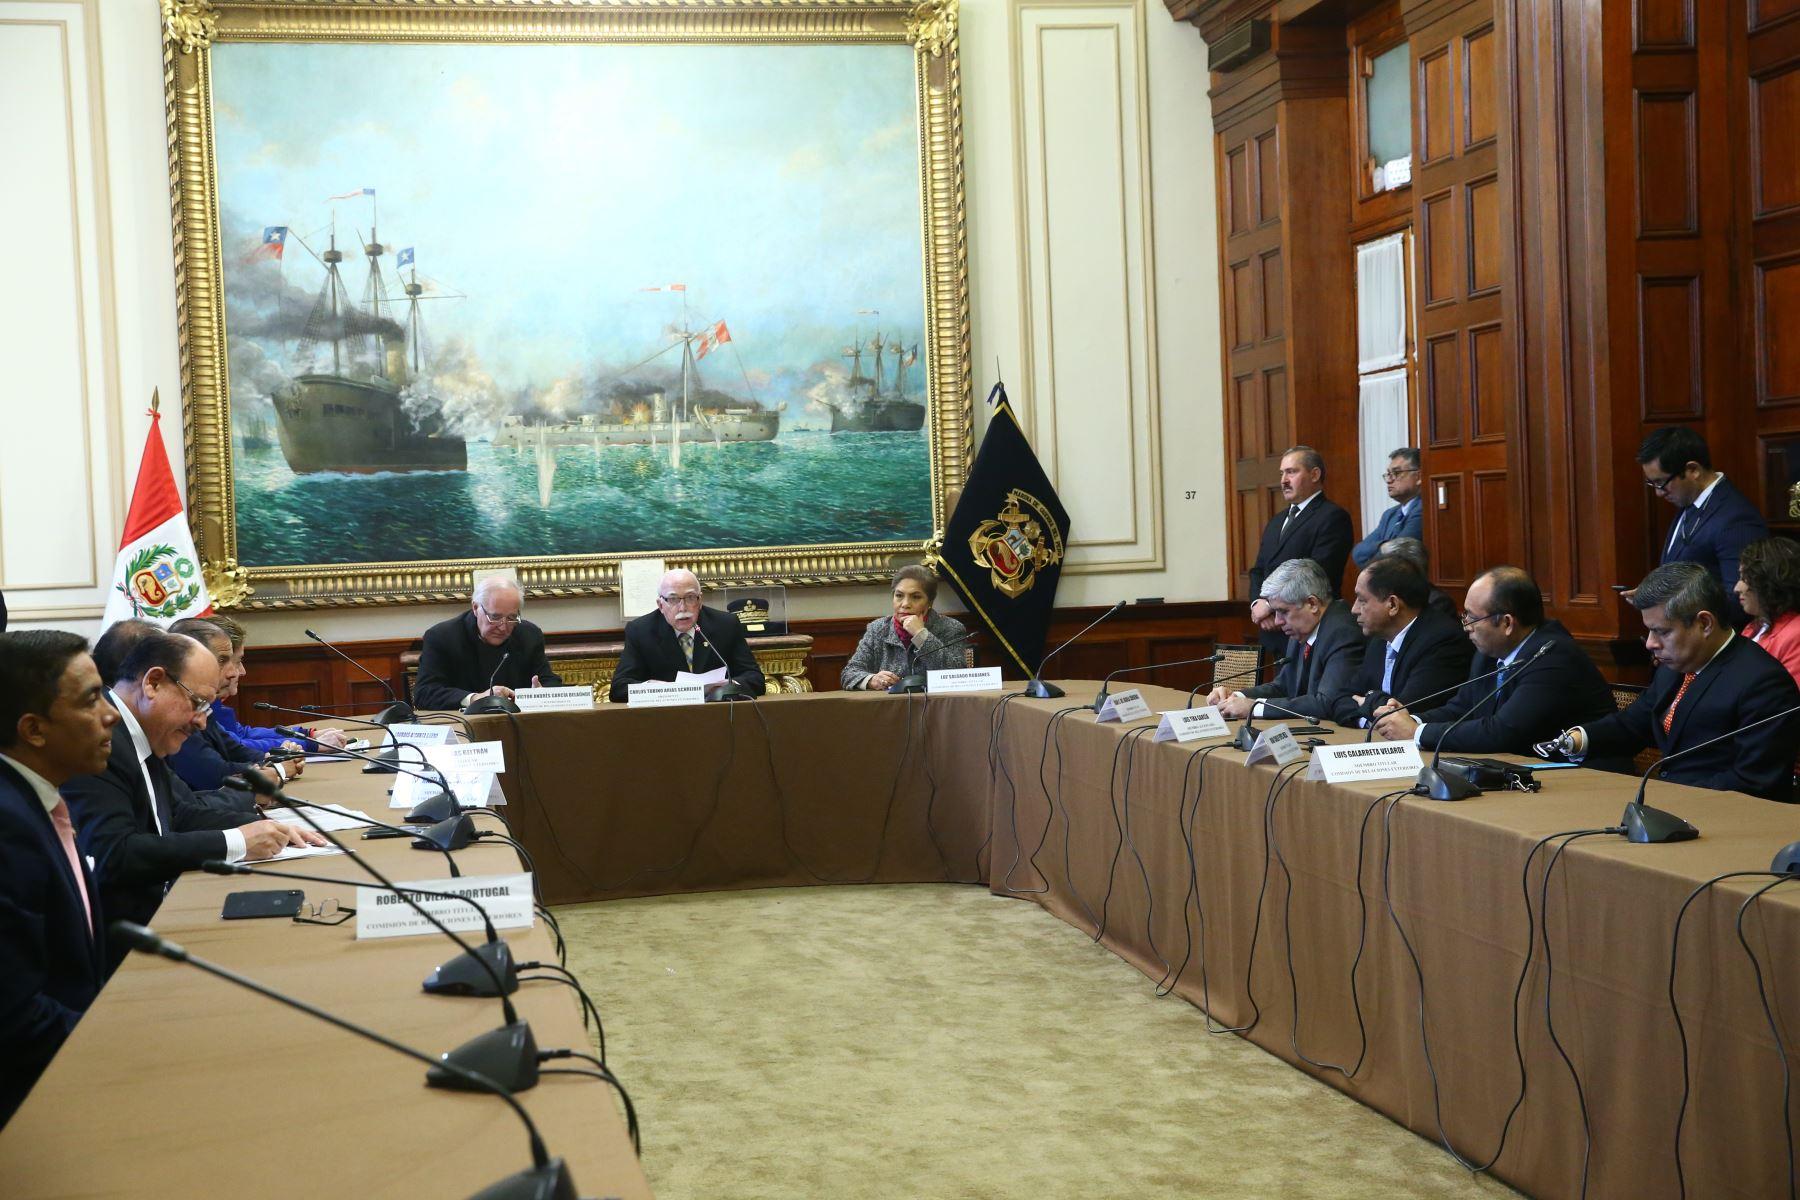 Instalación de la Comisión de Relaciones Exteriores, congresista Carlos Tubino es elegido presidente de la comisión. Foto: ANDINA/Melina Mejía